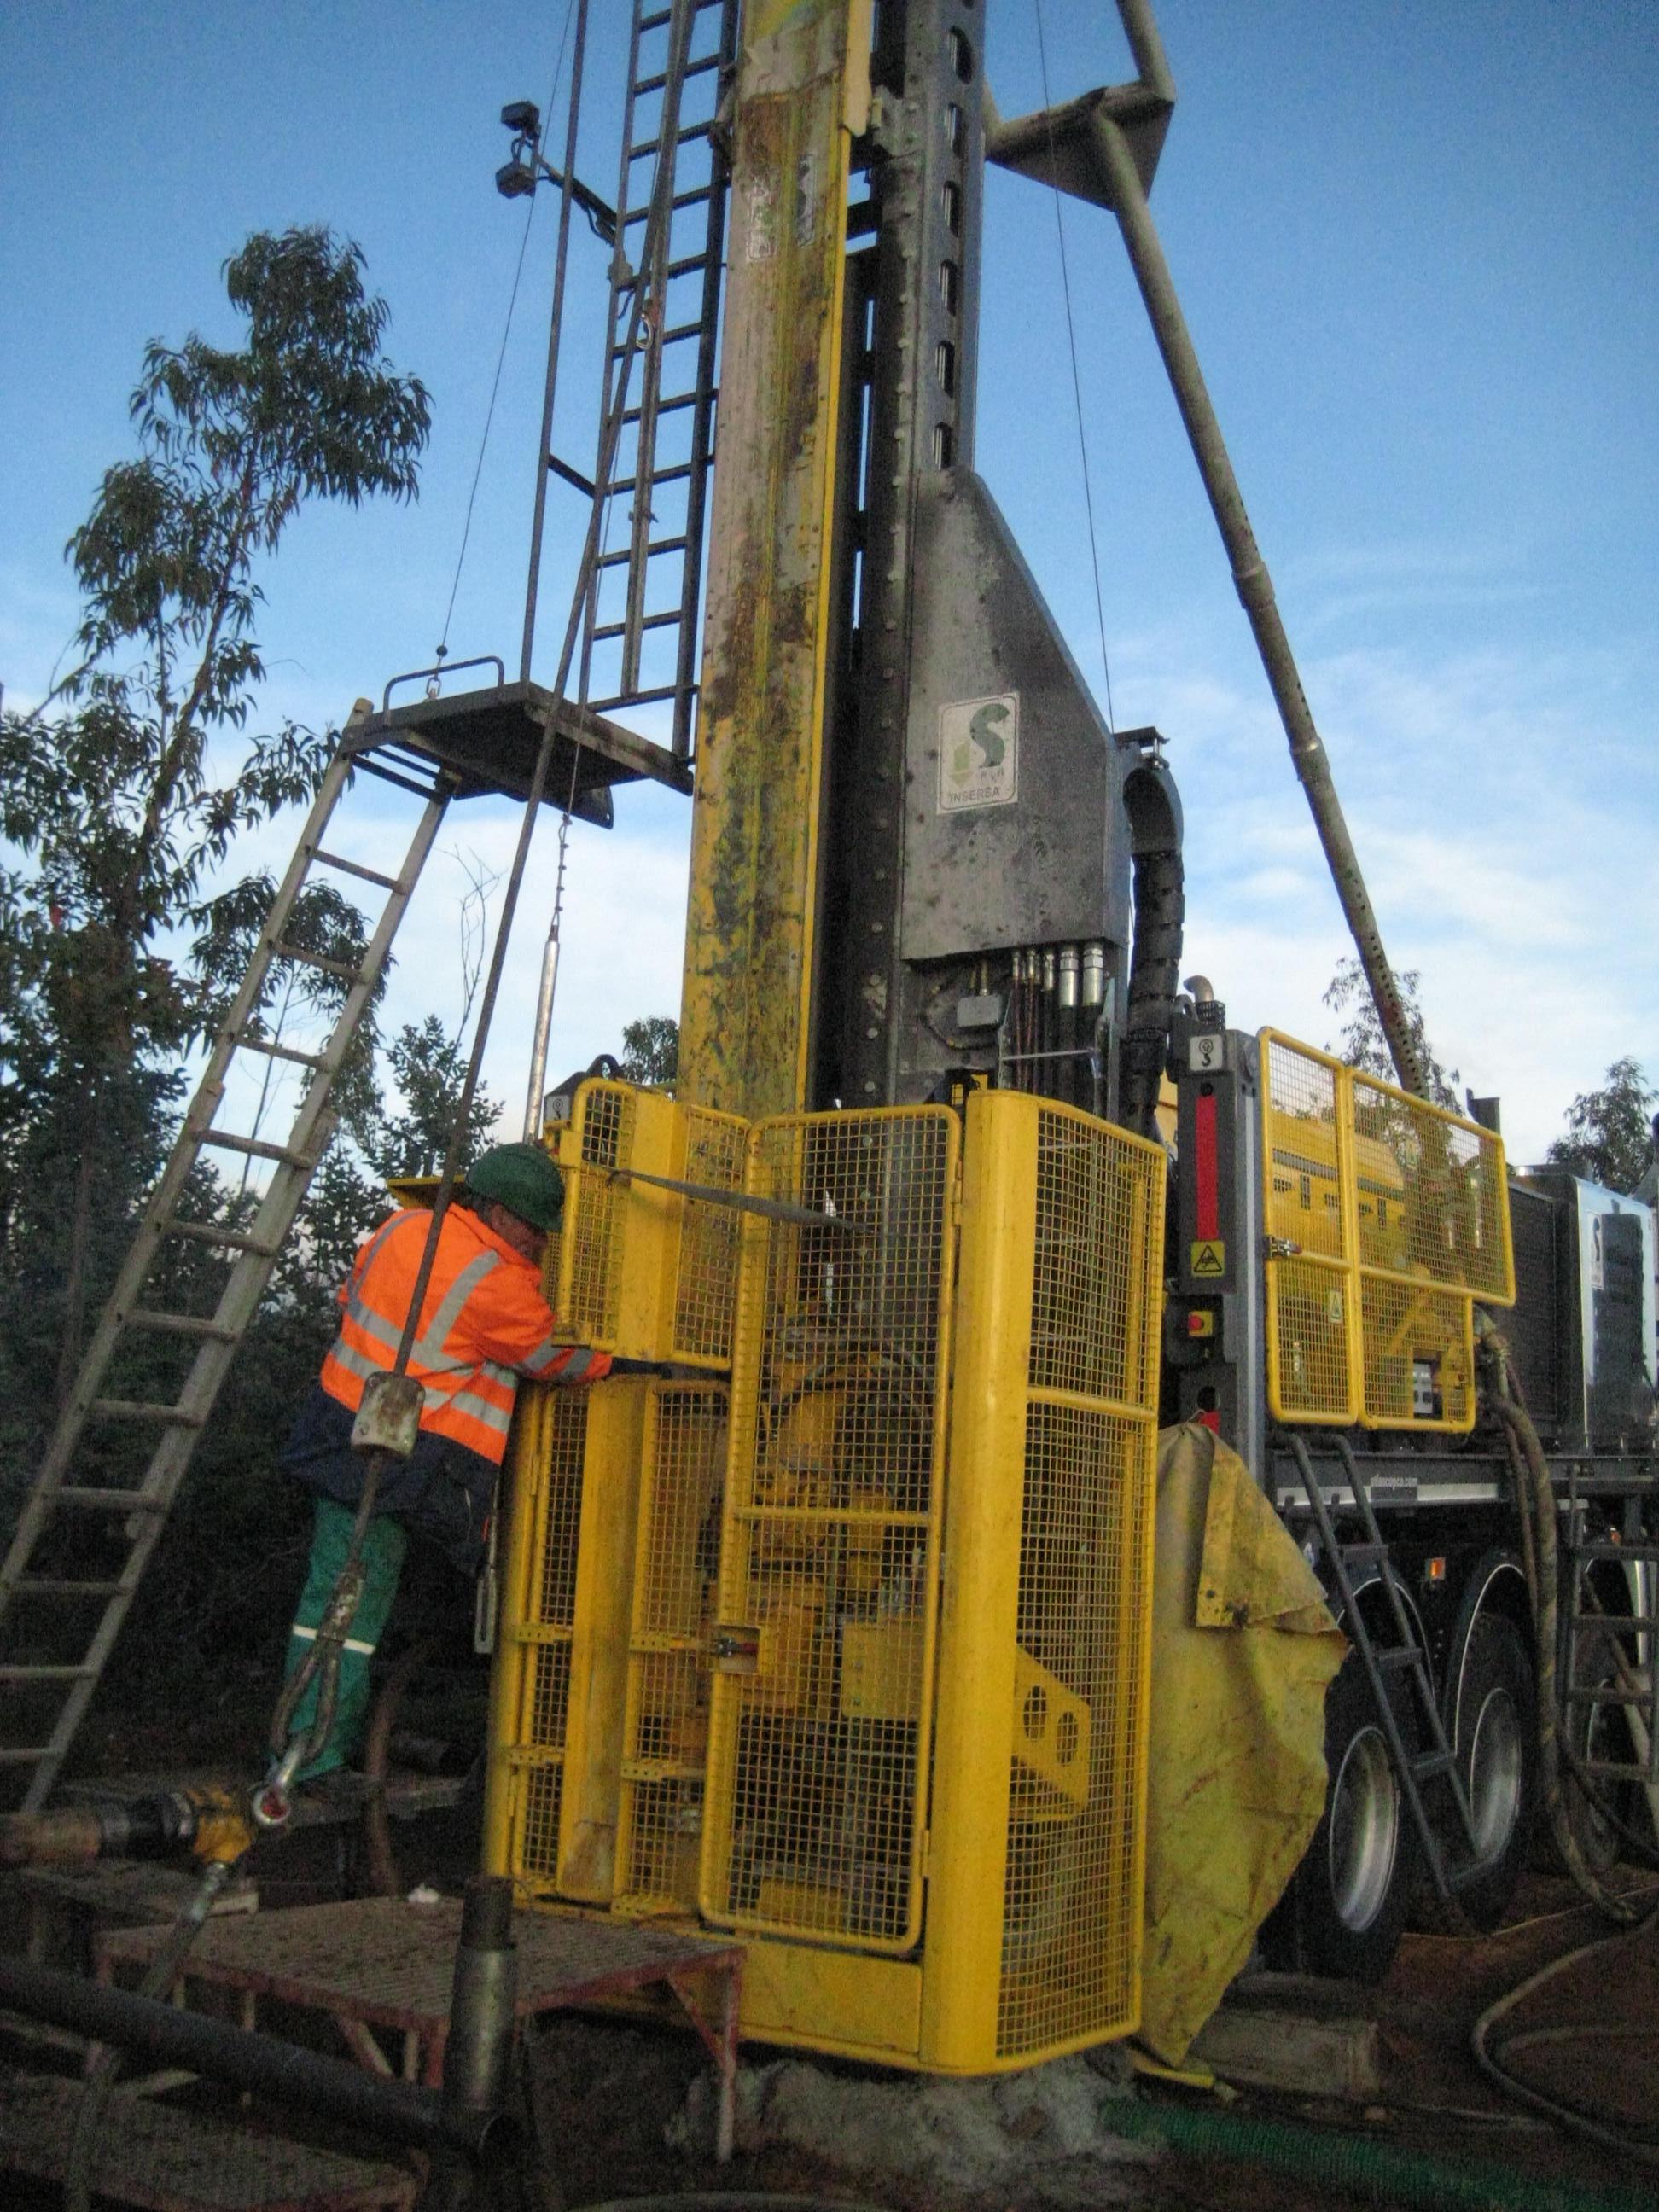 Rio Tinto uses Atlas Copco core rigs for exploration drilling